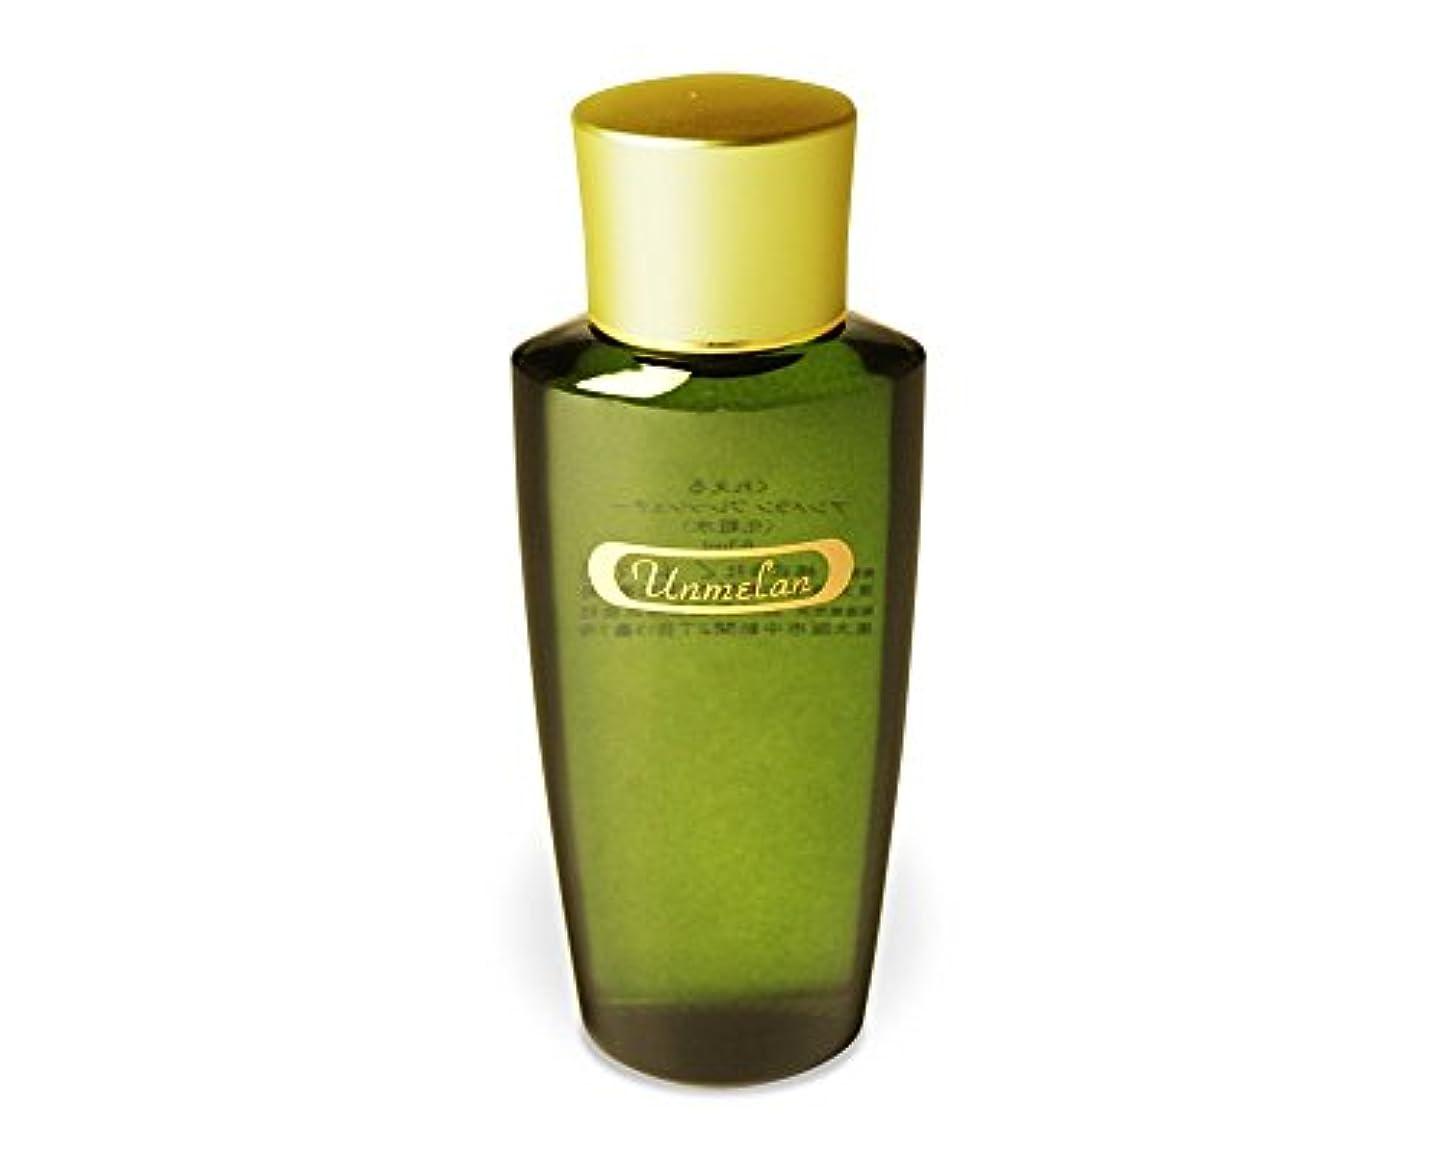 トラップ離婚ストロークくれえる アンメラン フレッシュナー 化粧水